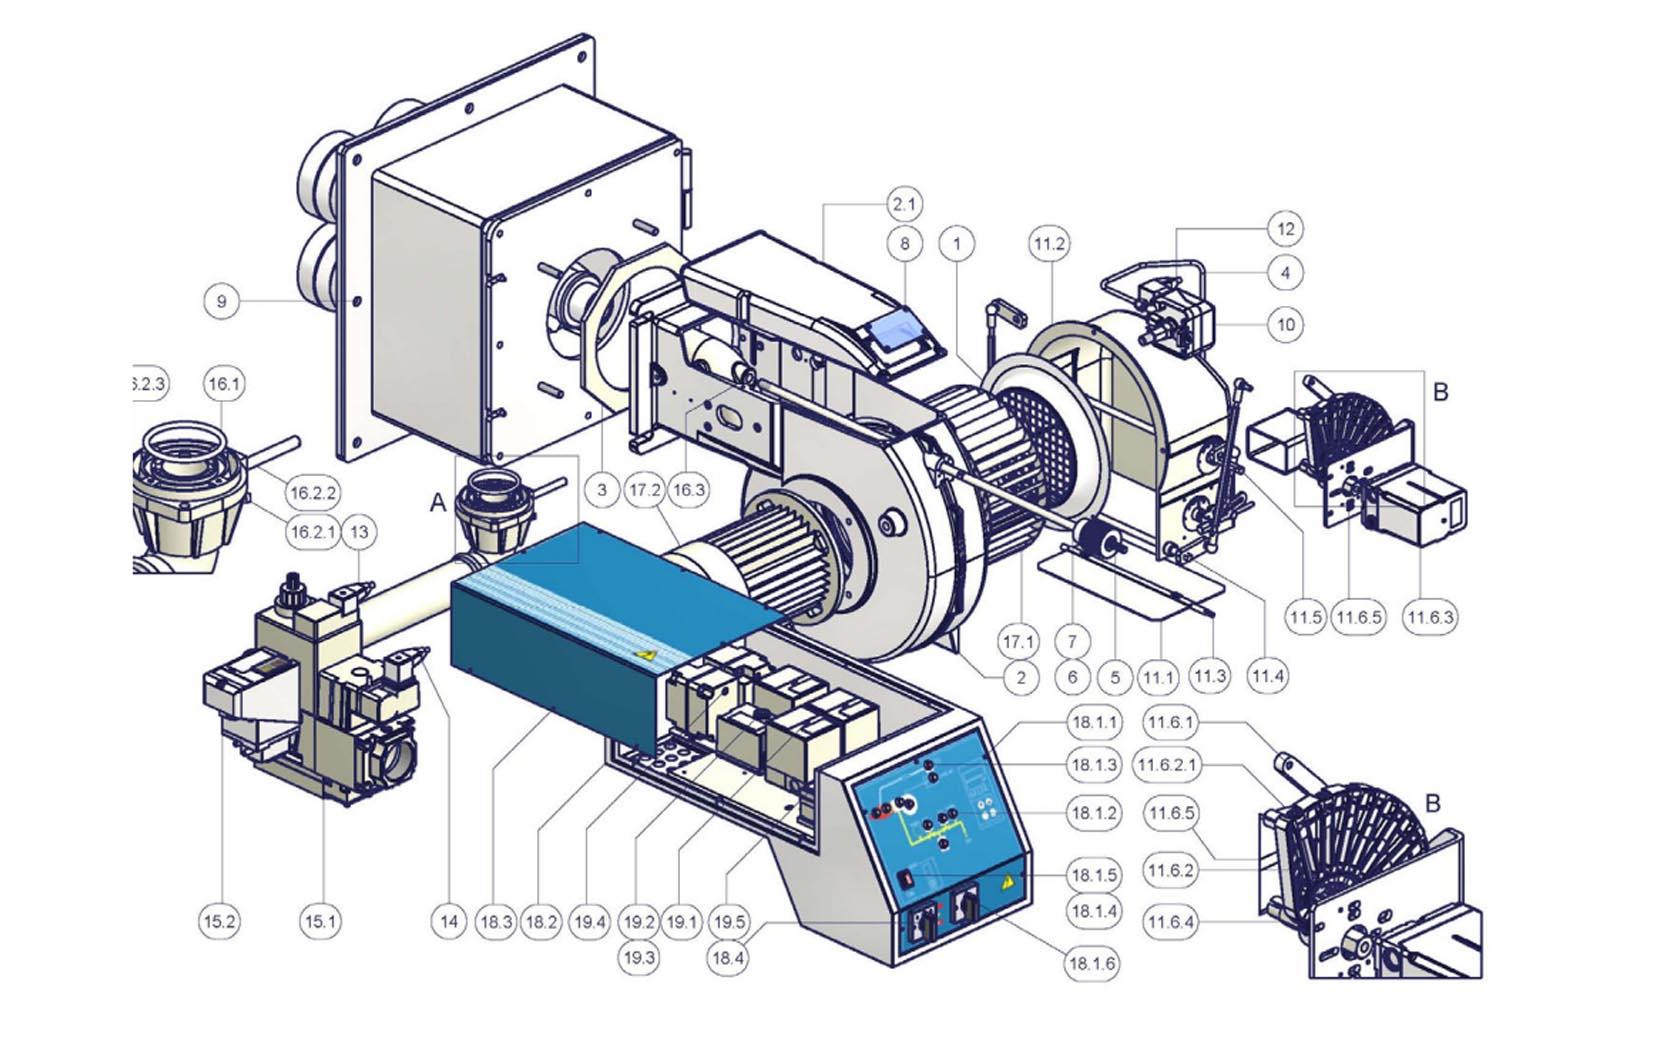 CIB Unigas Miniflam Tecnopan P60 VS